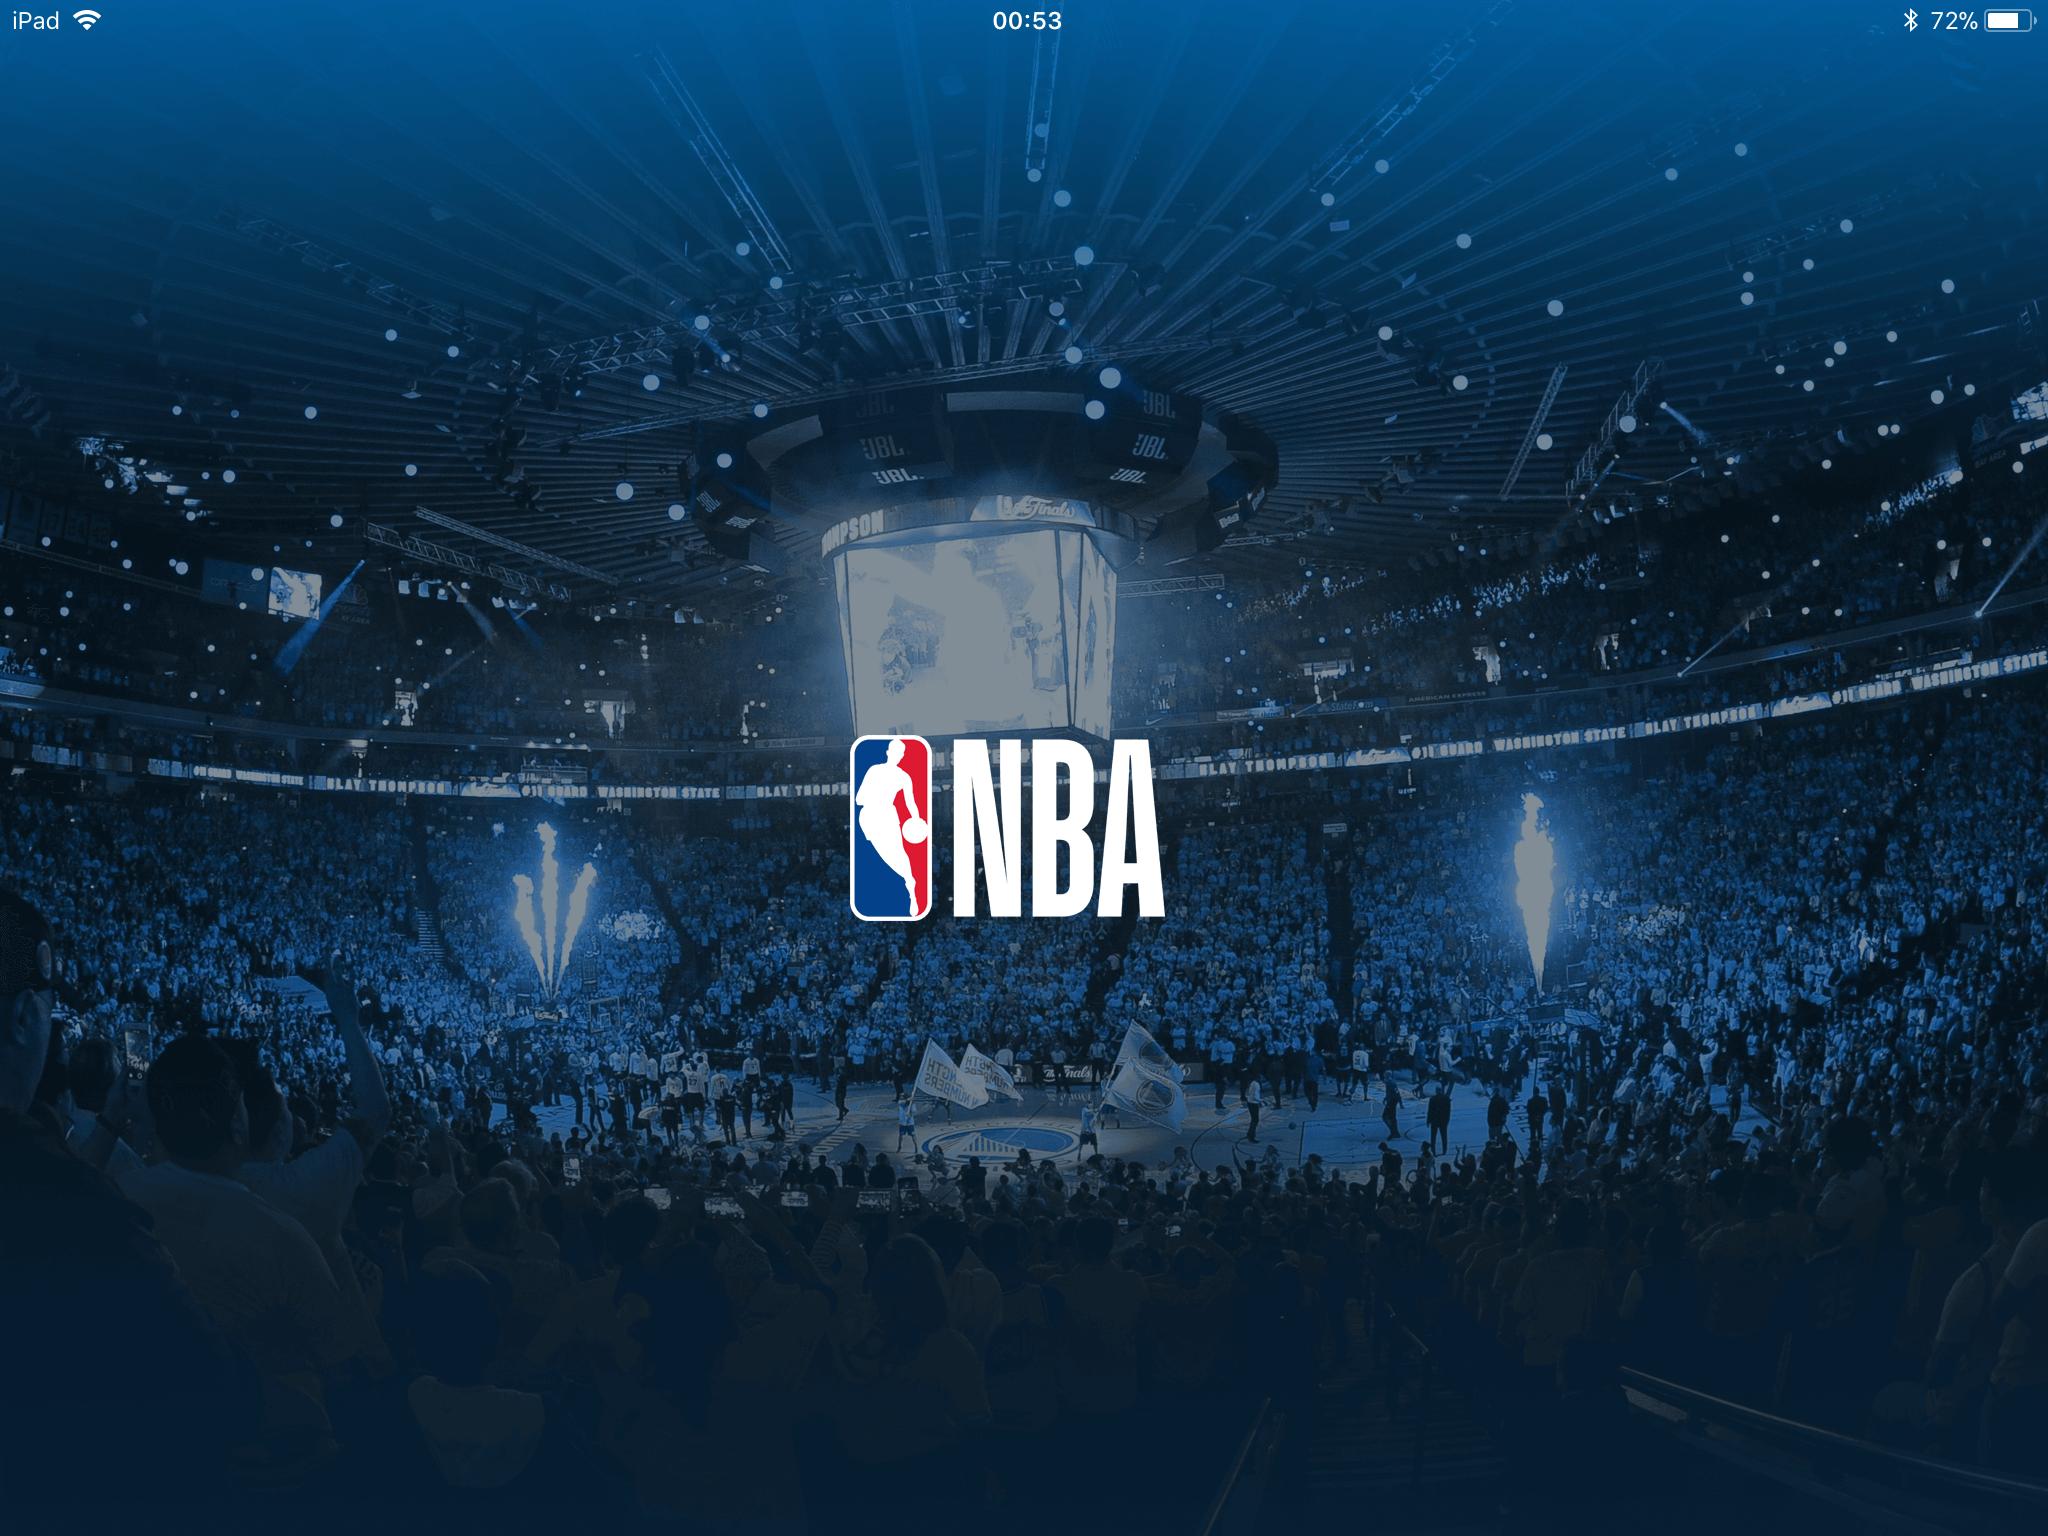 [이슈] 콘텐츠 사업자로 거듭나려 하는 NBA